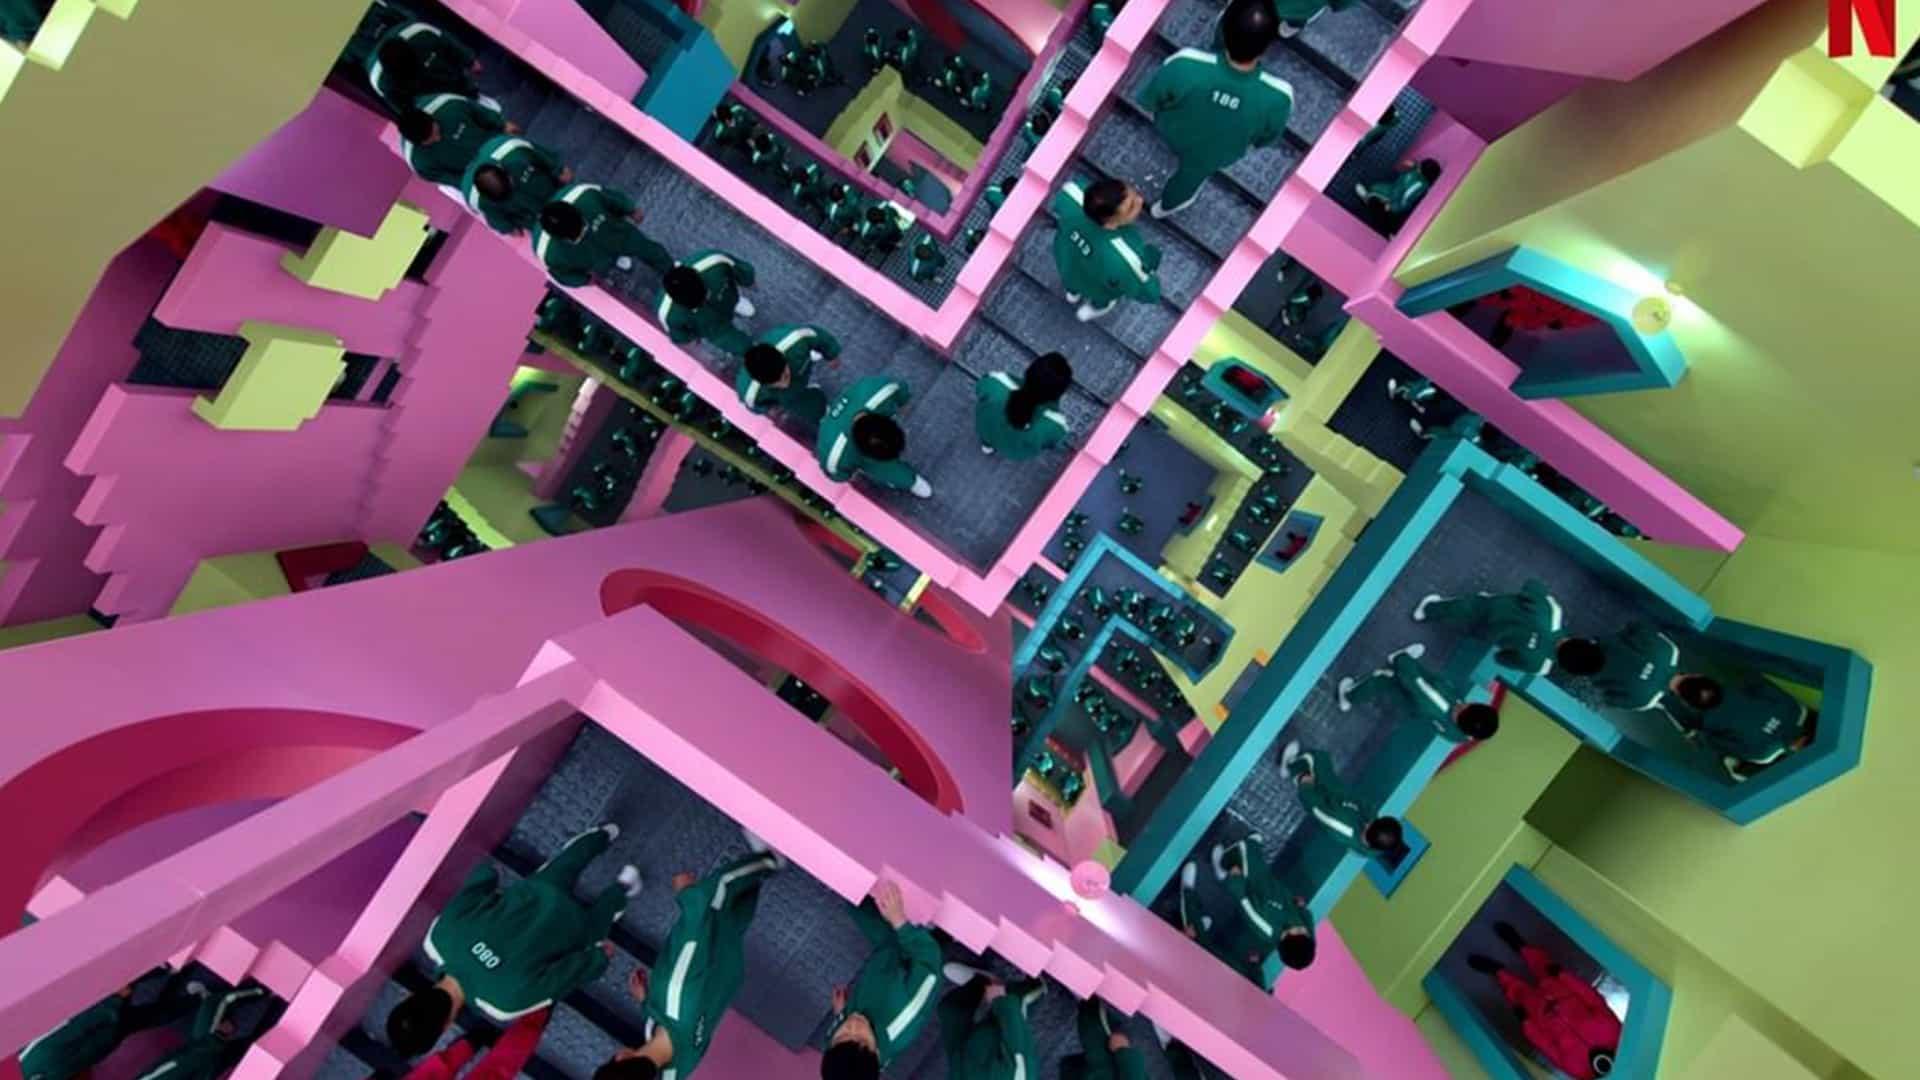 La fascinante escalera de Squid Game tiene una historia de origen igualmente alucinante